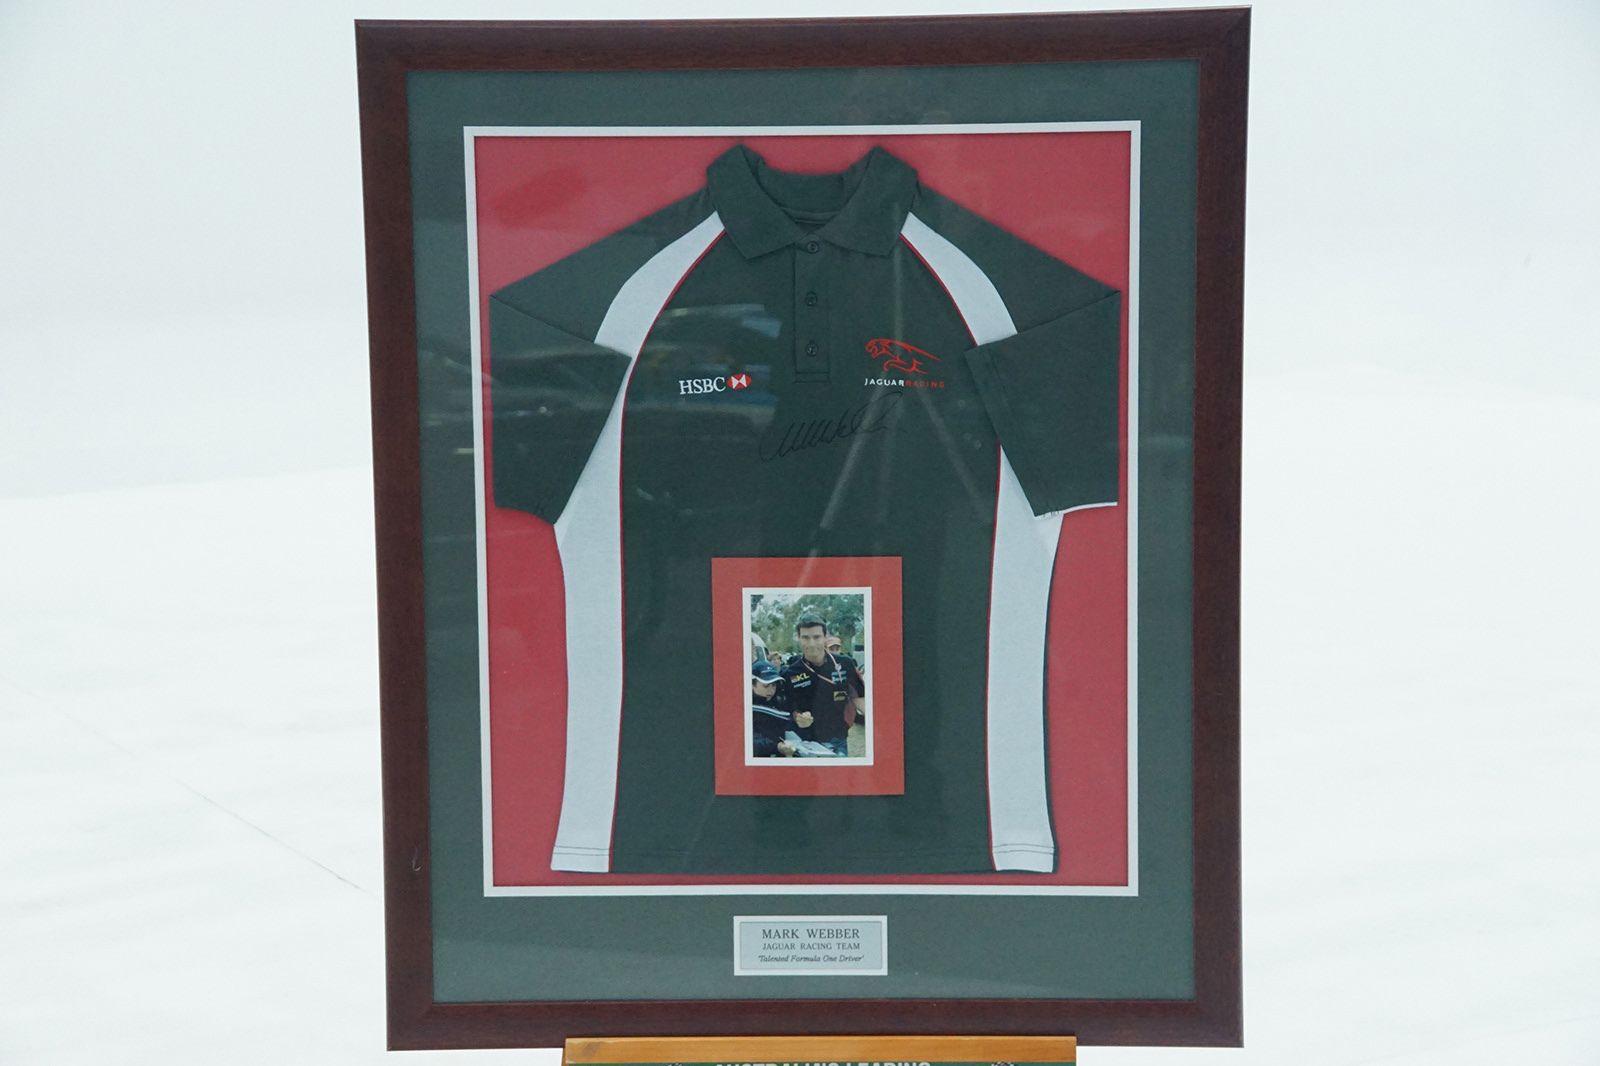 Mark Webber Signed Jaguar Shirt in Frame